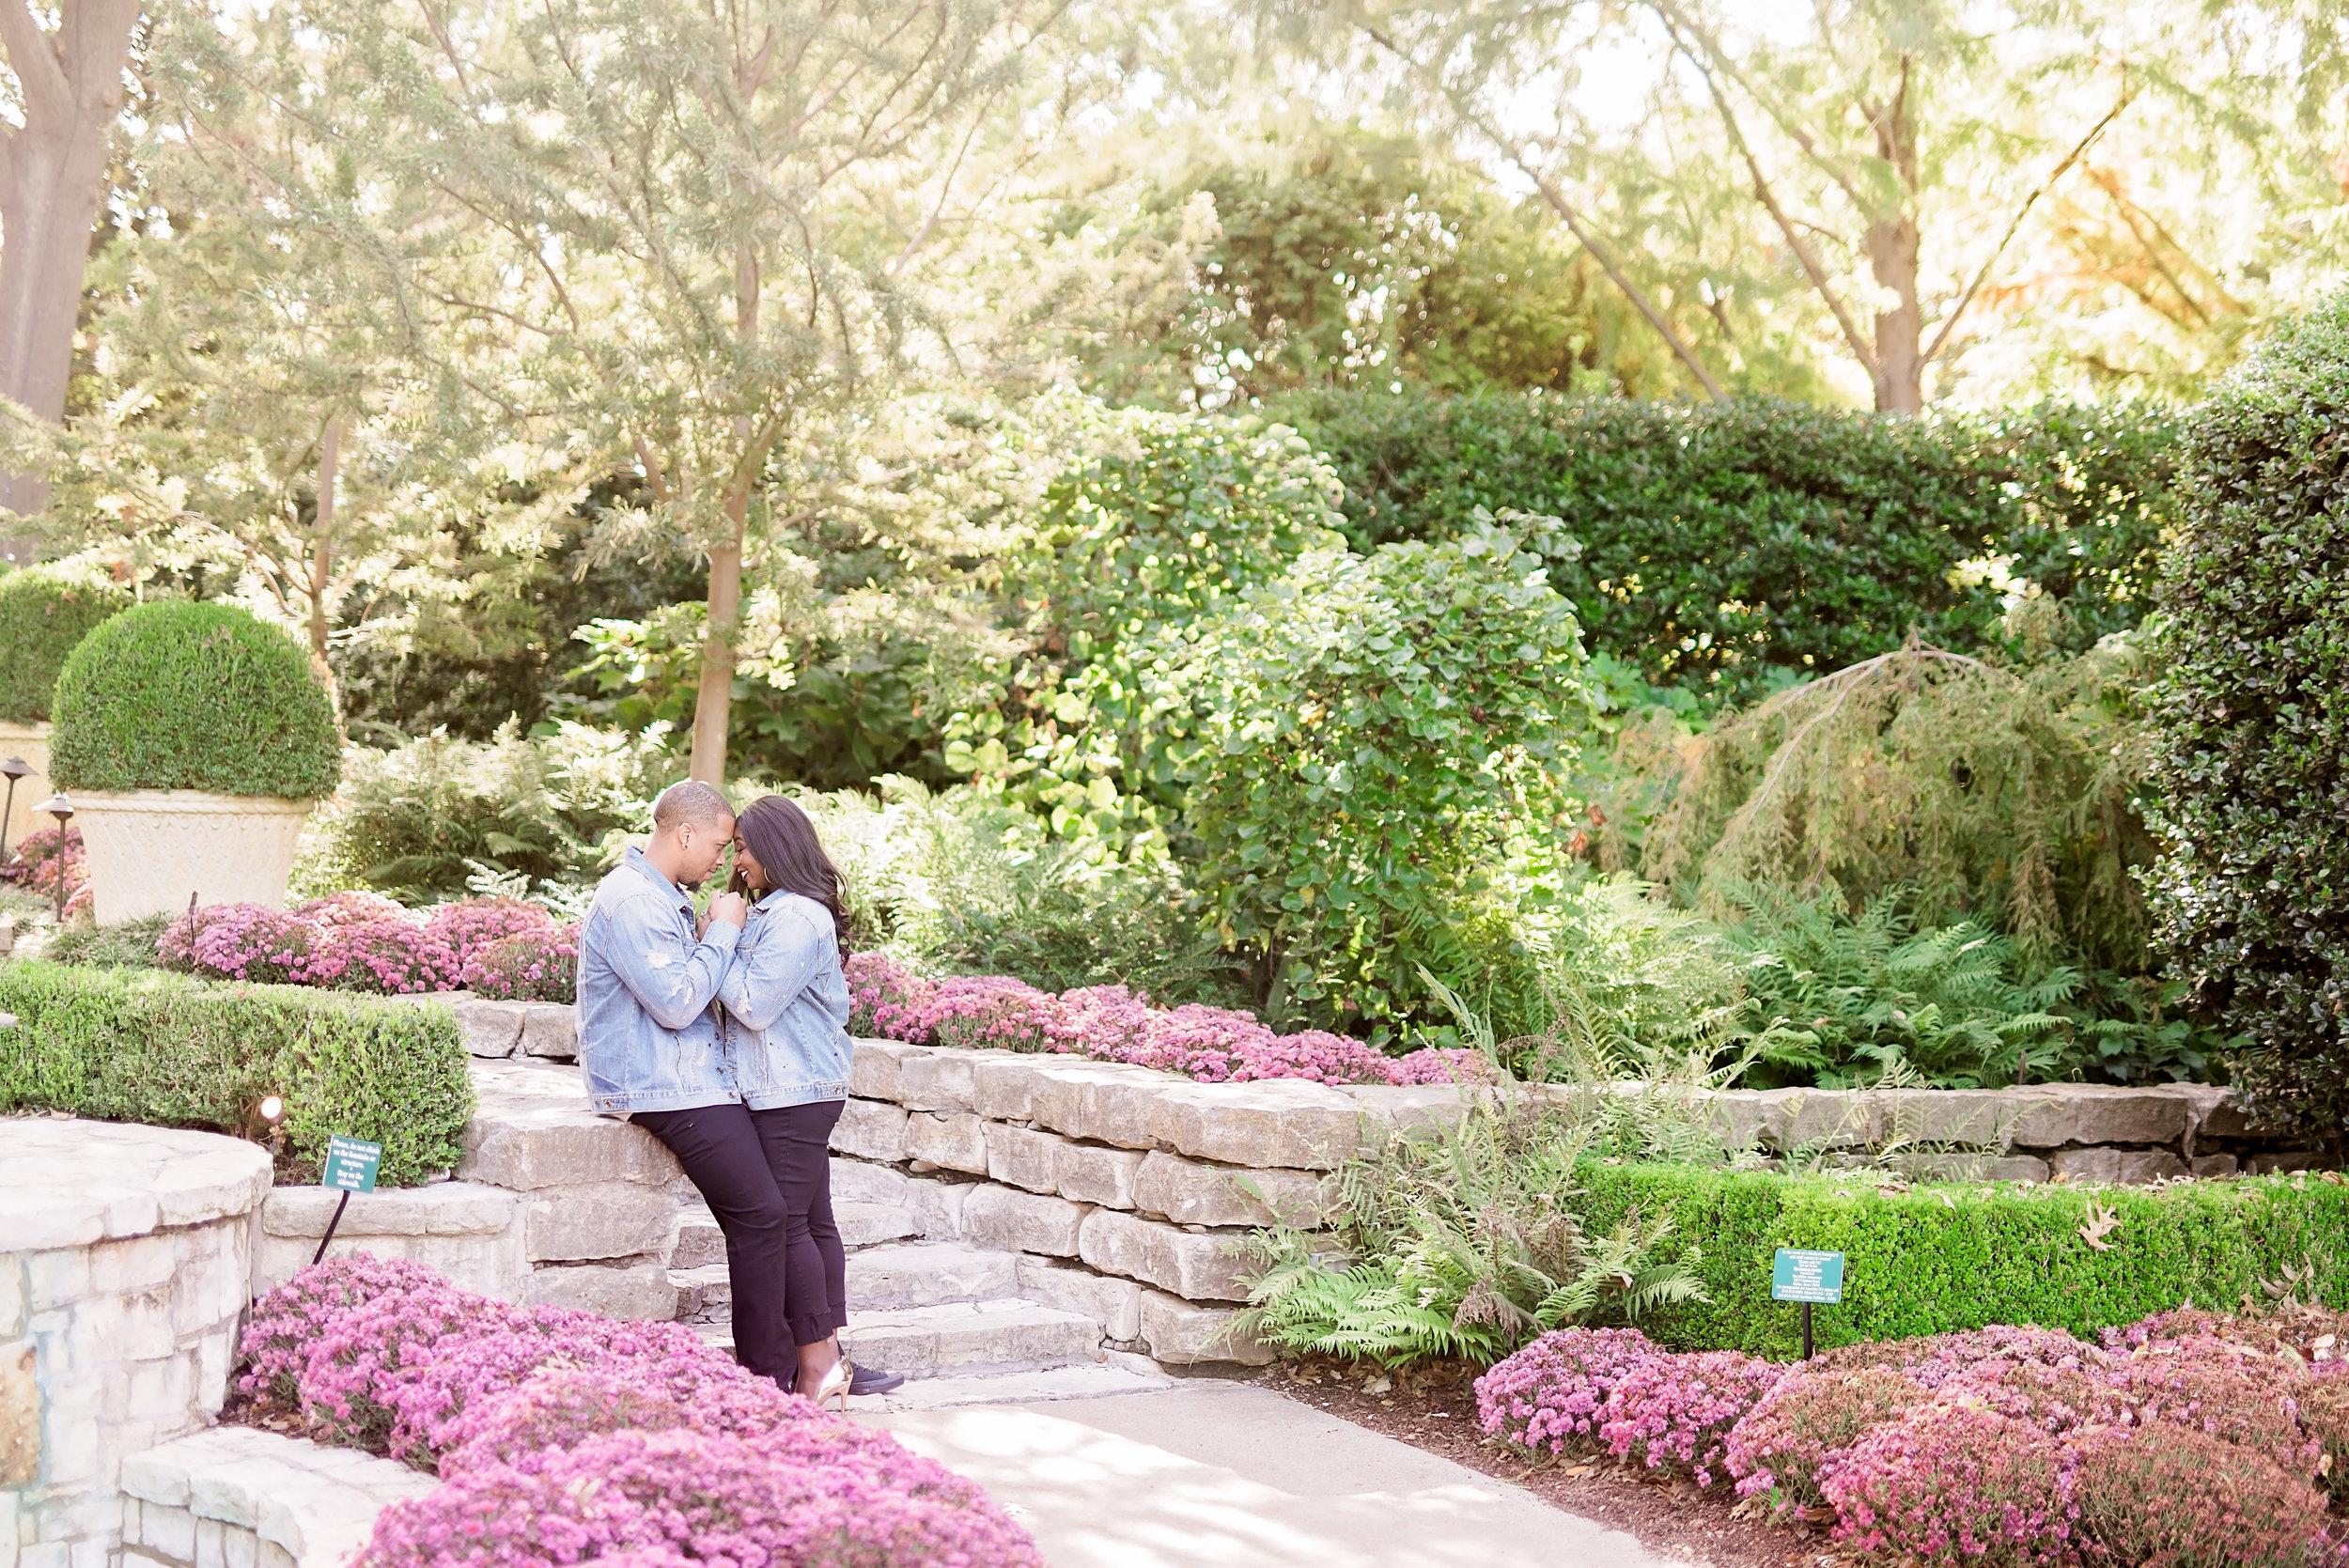 Kevin-Adriana-Pharris-Photography-Engagement-Photoshoot-15.jpg